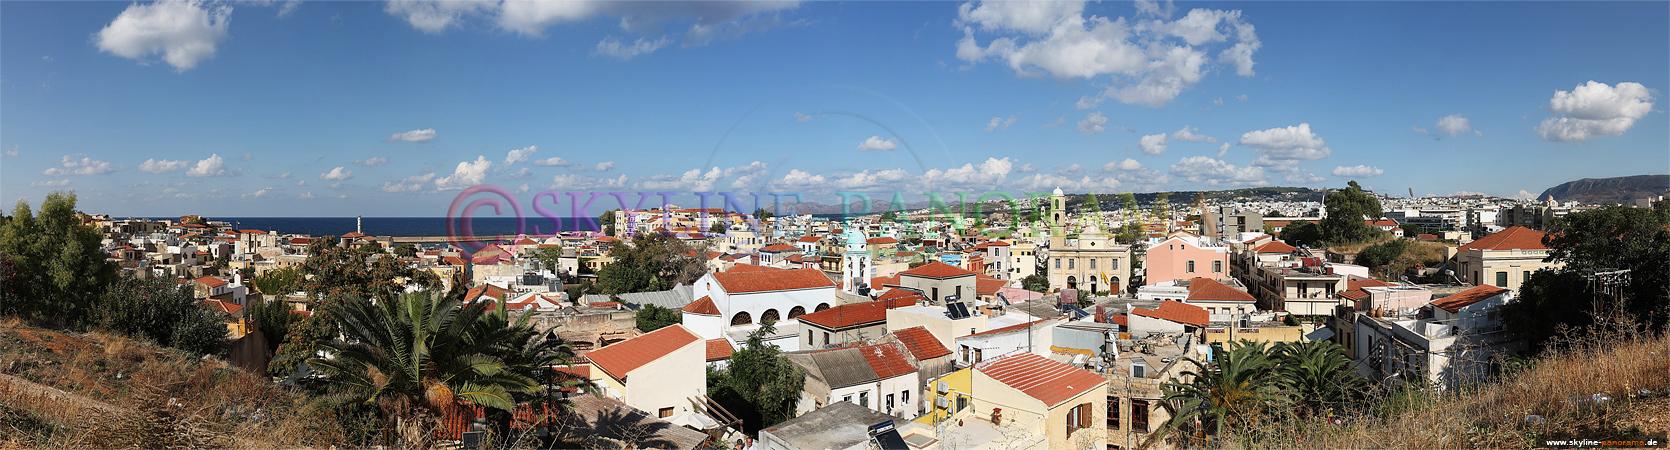 Panorama Insel Kreta - Überblick über einen großen Teil der Kretanischen Stadt Chania am Tag.